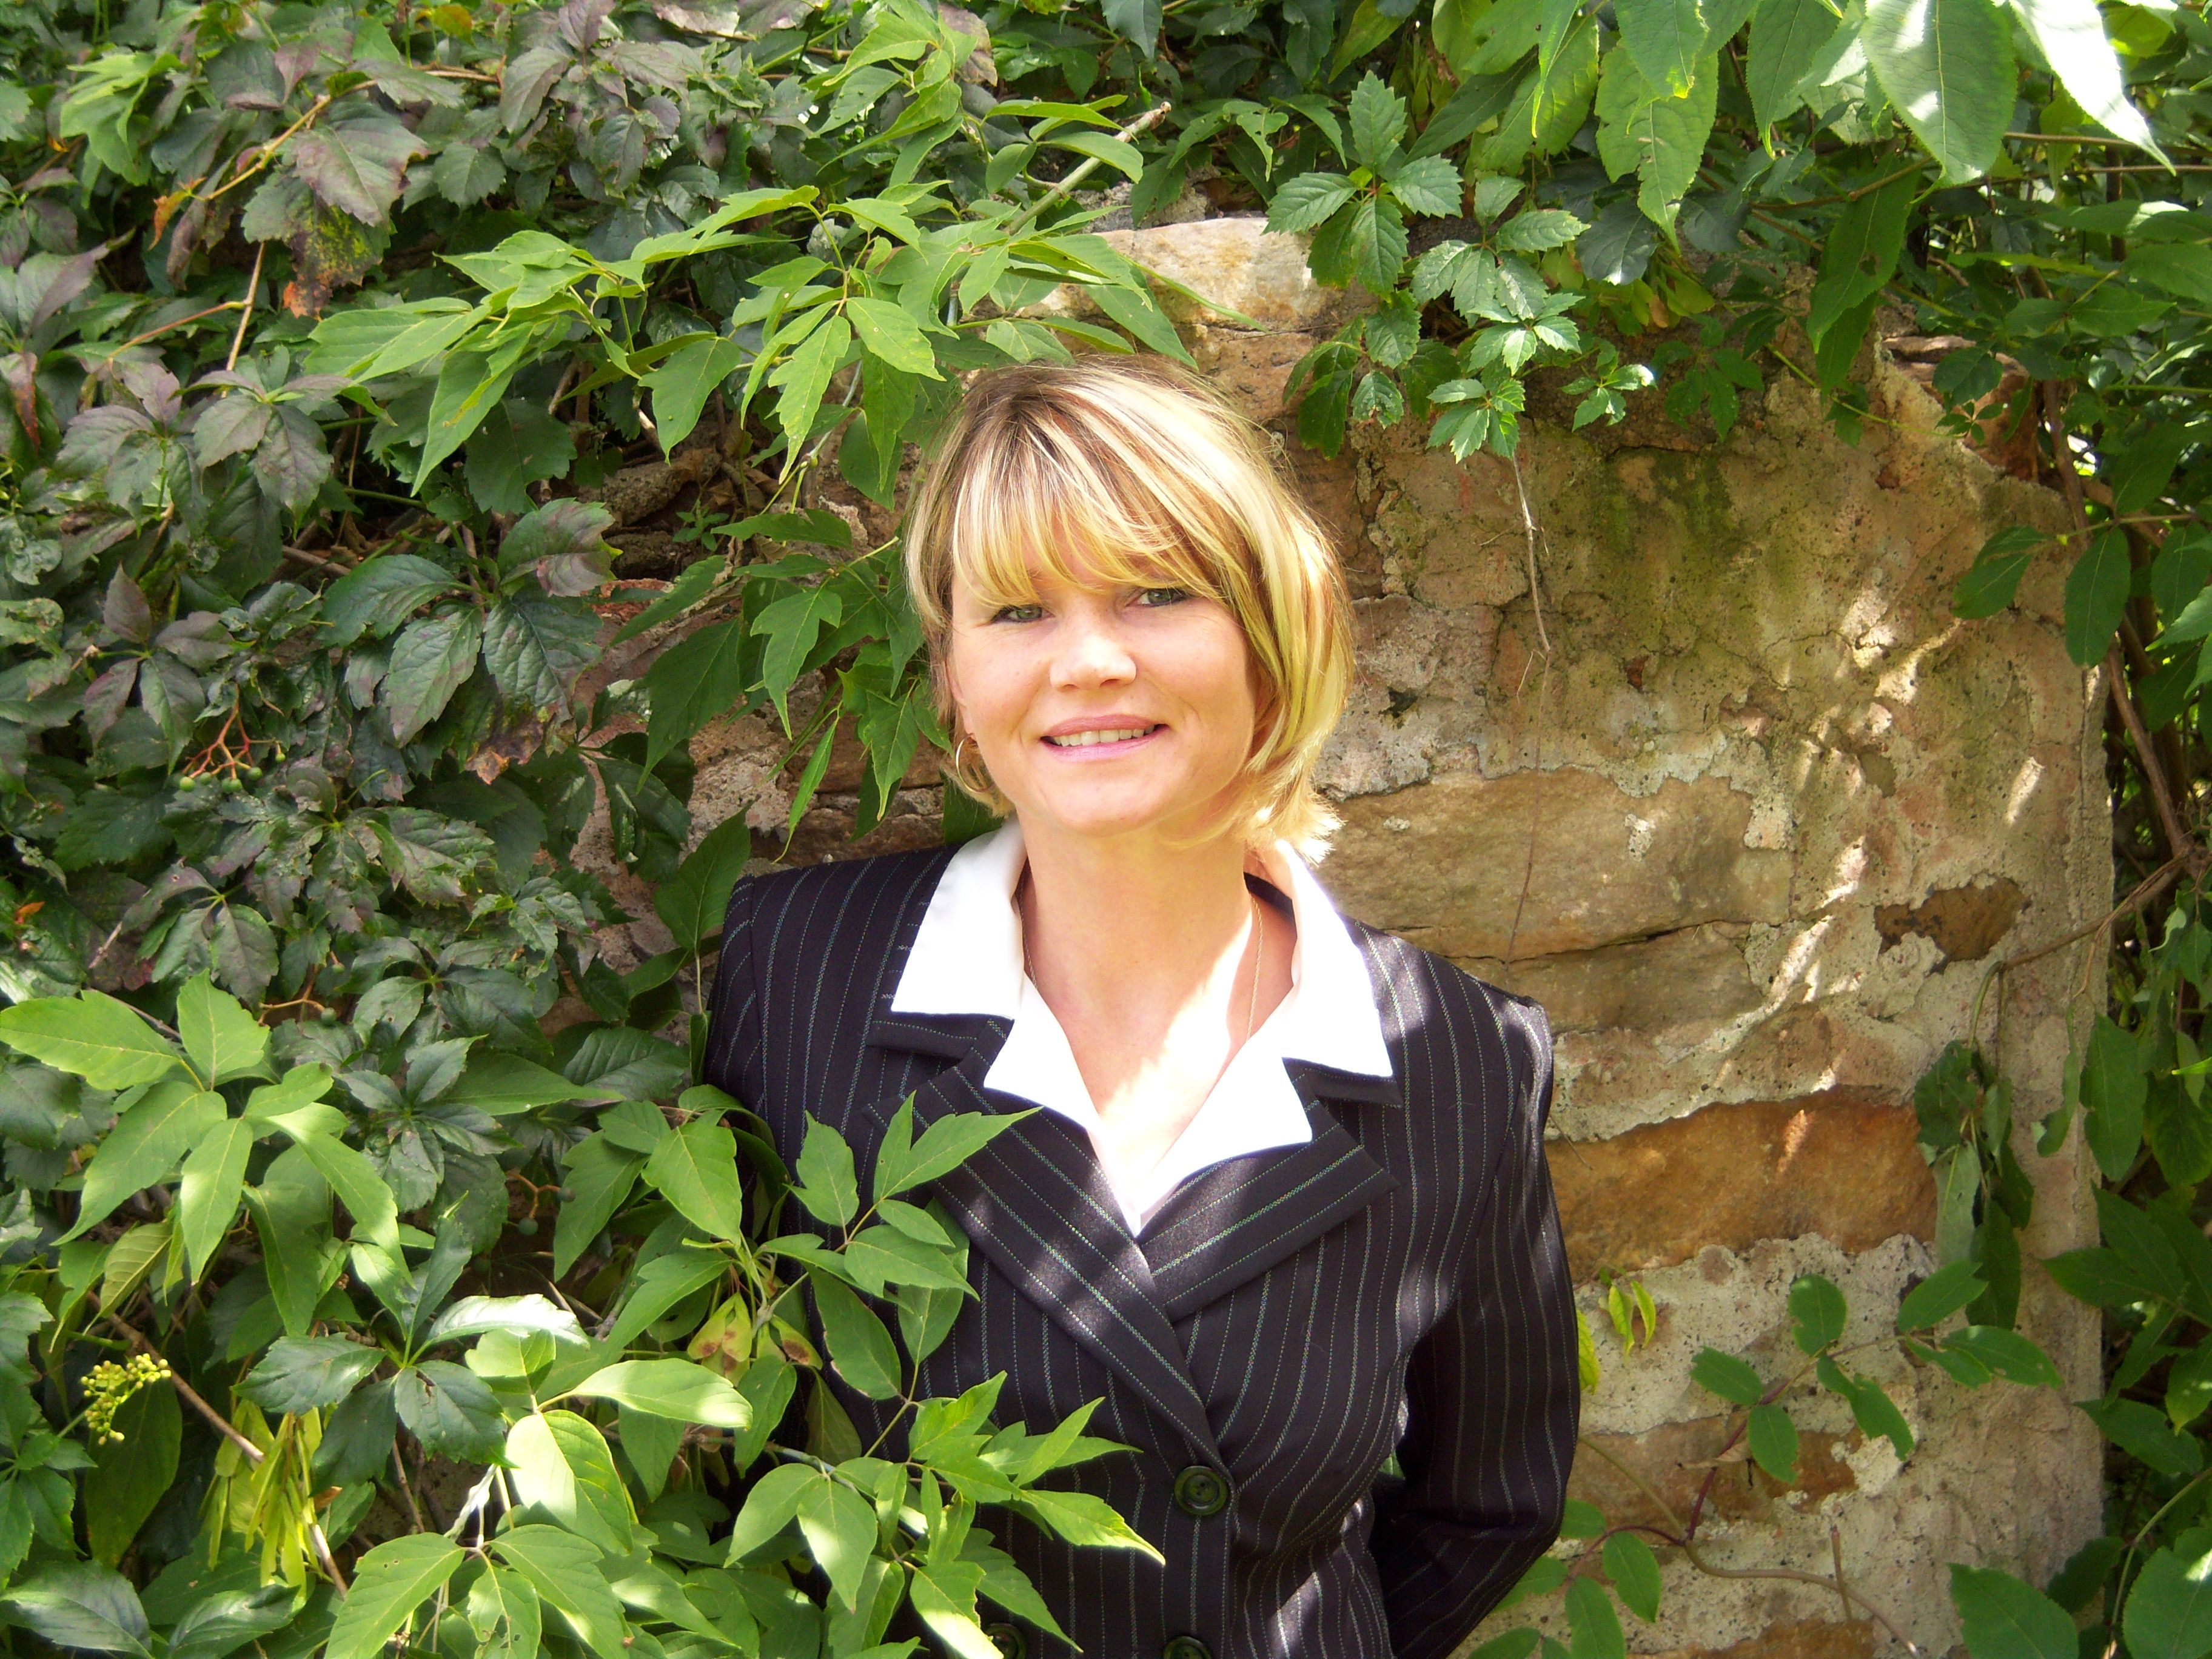 Author Victoria Roder